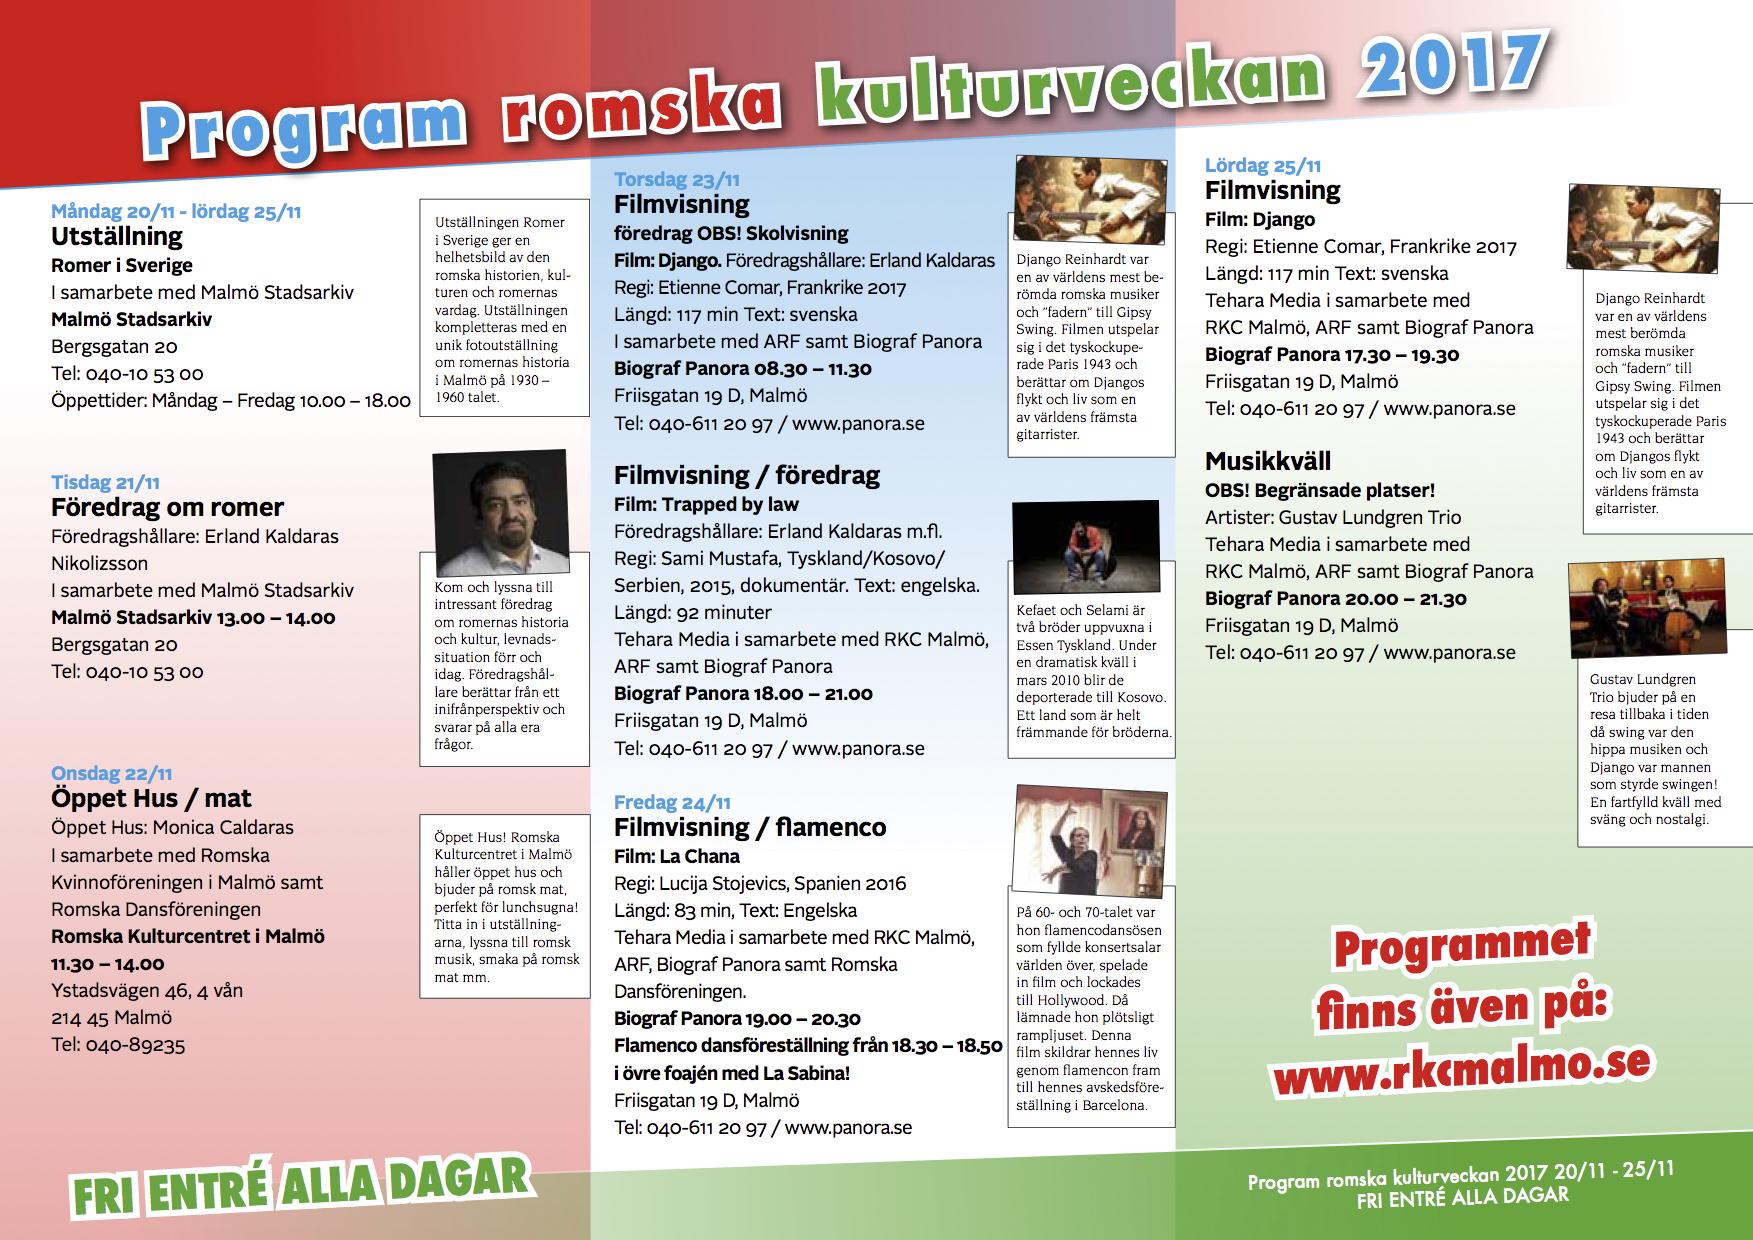 Program för romsk kulturvecka